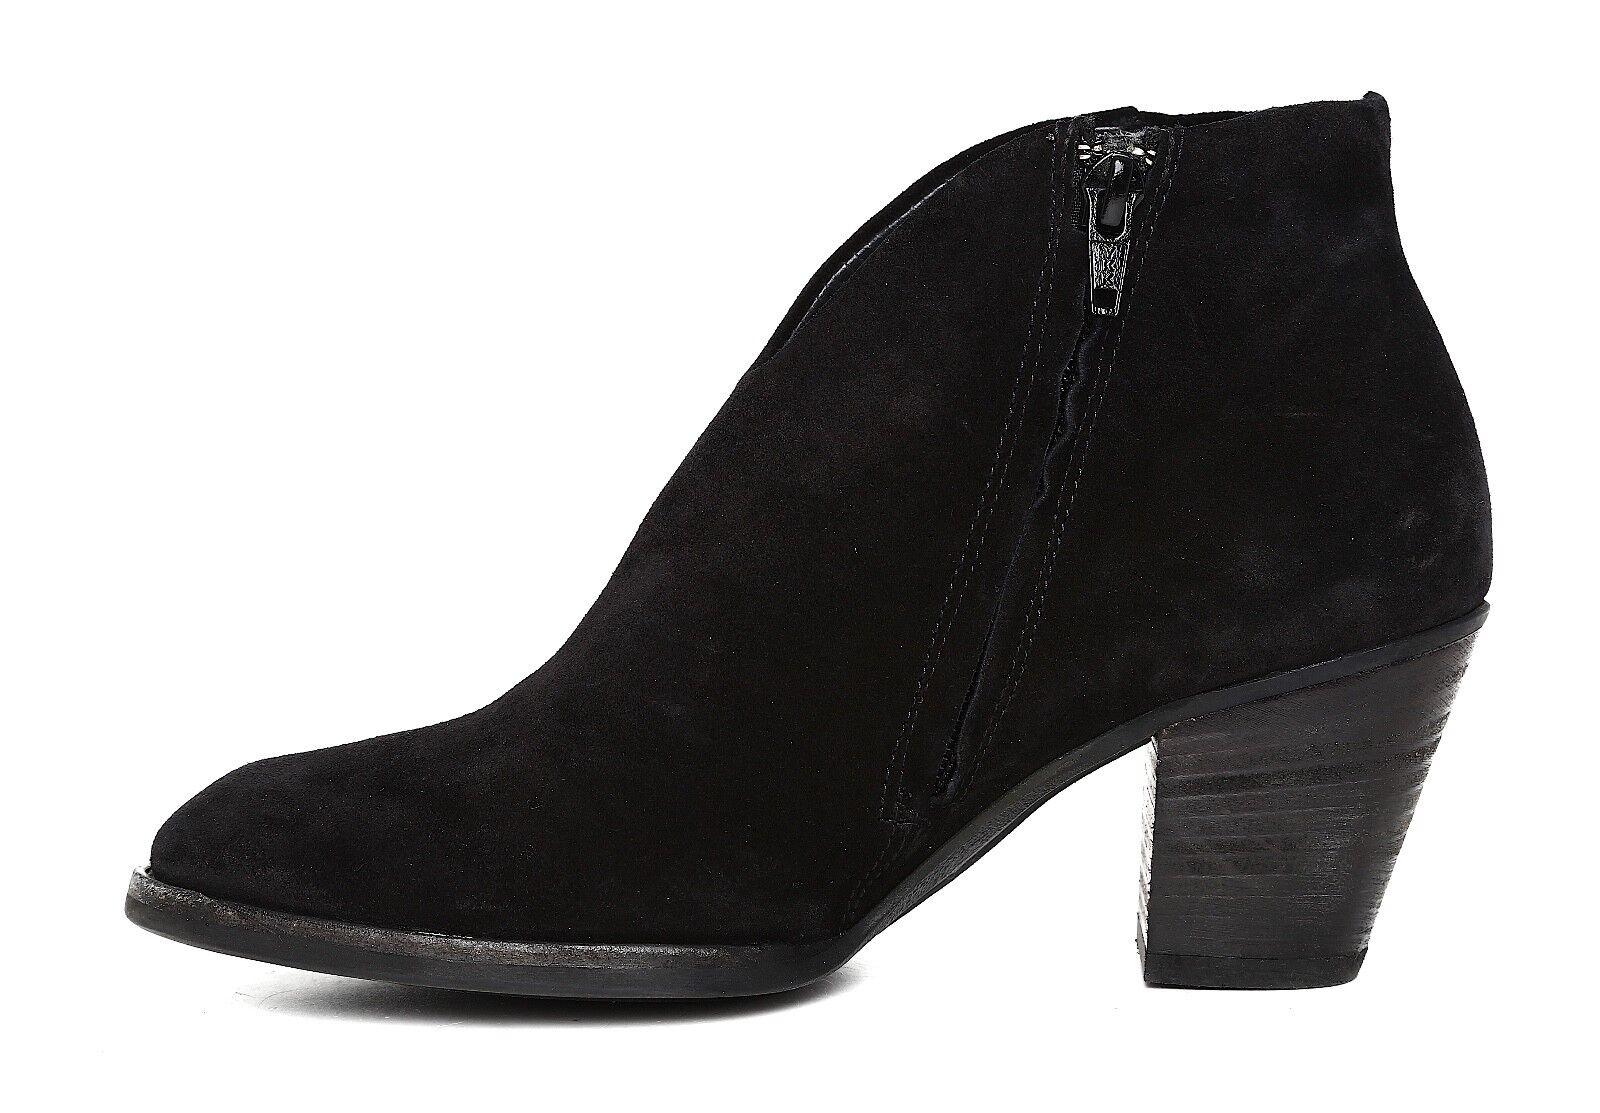 Paul Green Delgado Suede Ankle Bootie Black Women Sz Sz Sz 3.5 UK 5705  238a3d